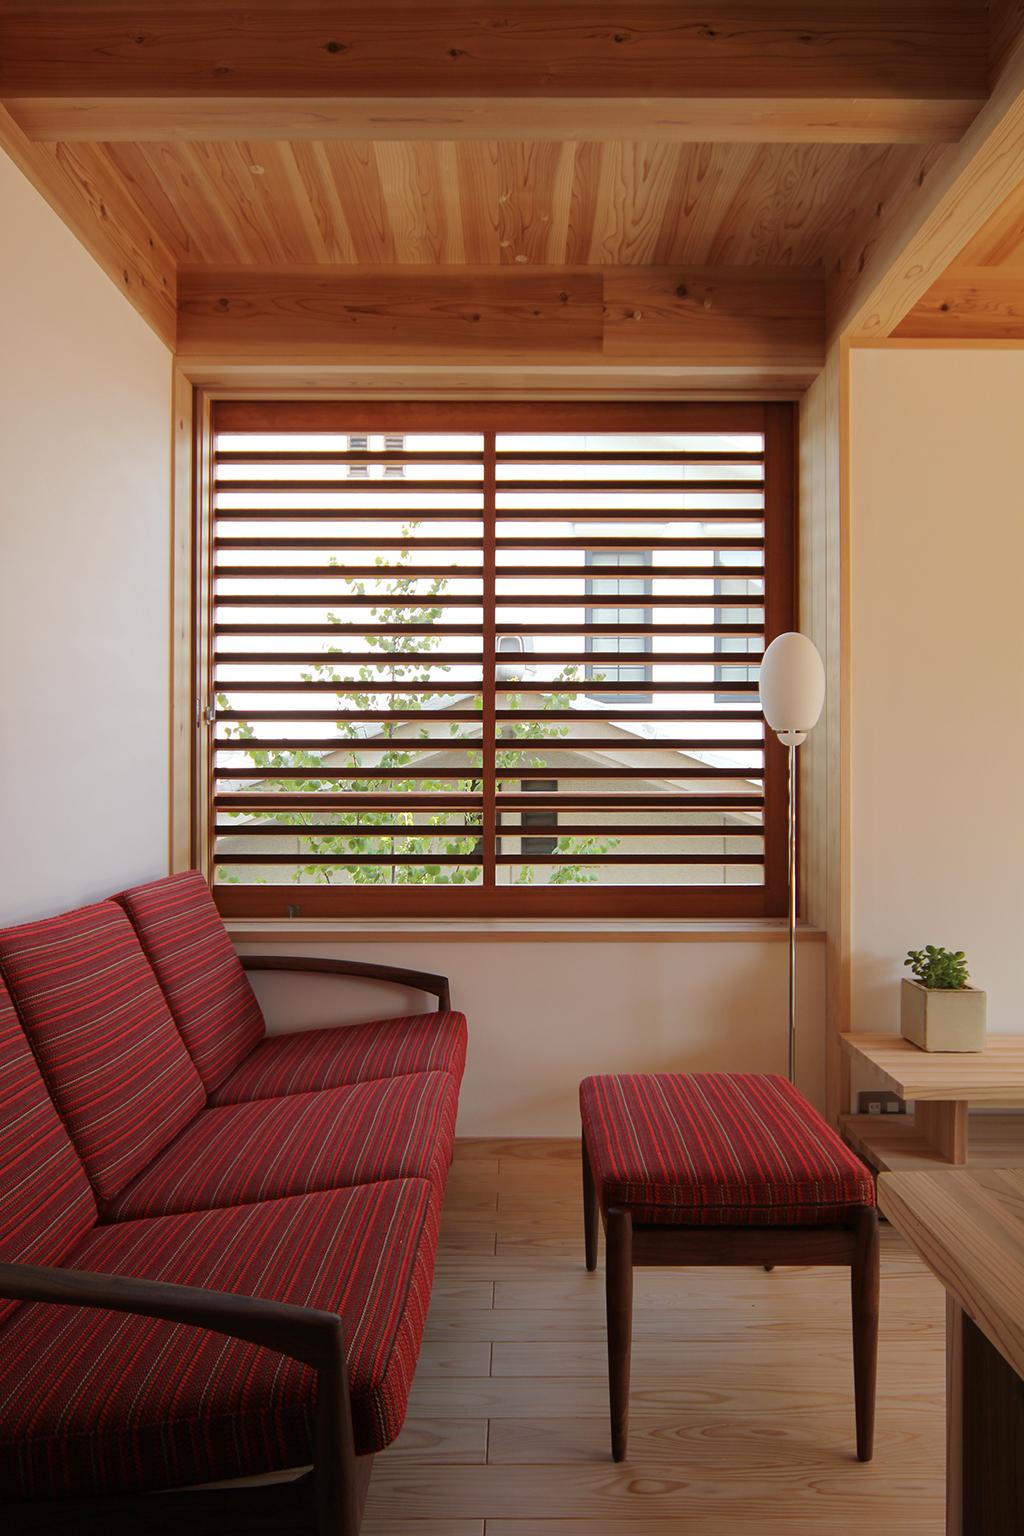 宍粟市の木の家 ソファスペース